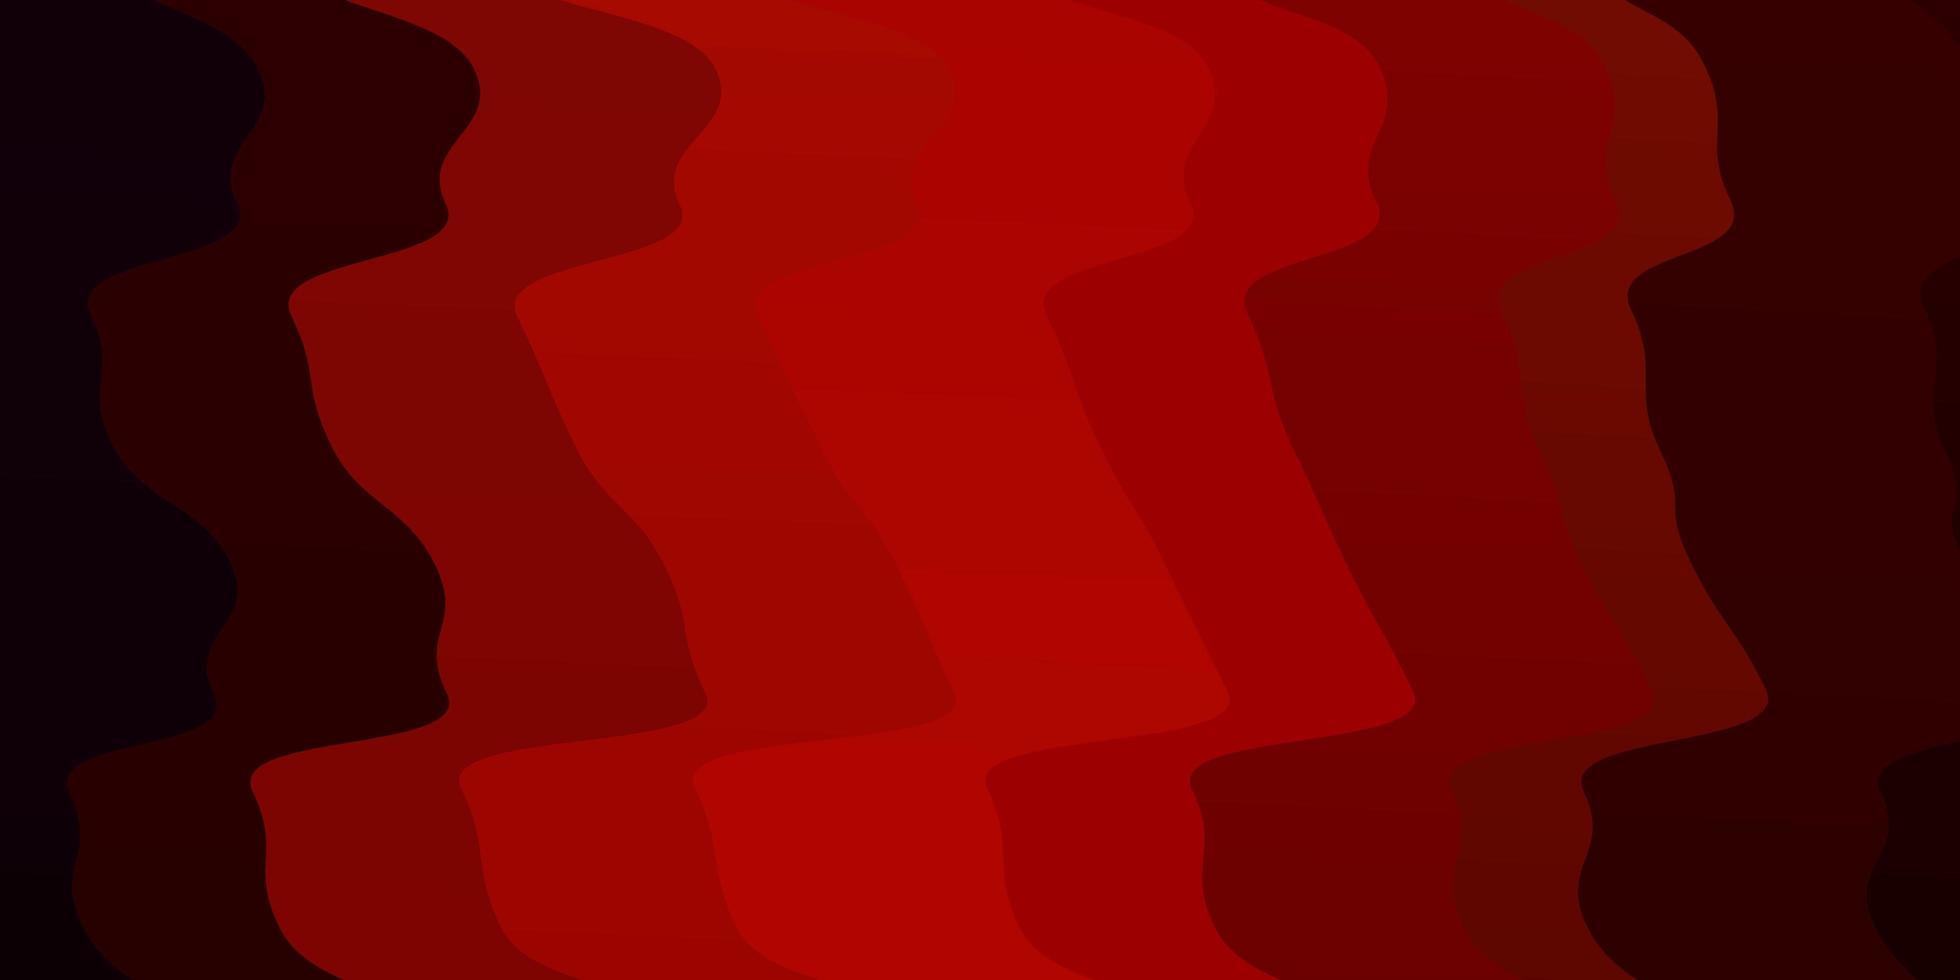 diseño de vector rojo oscuro con curvas.